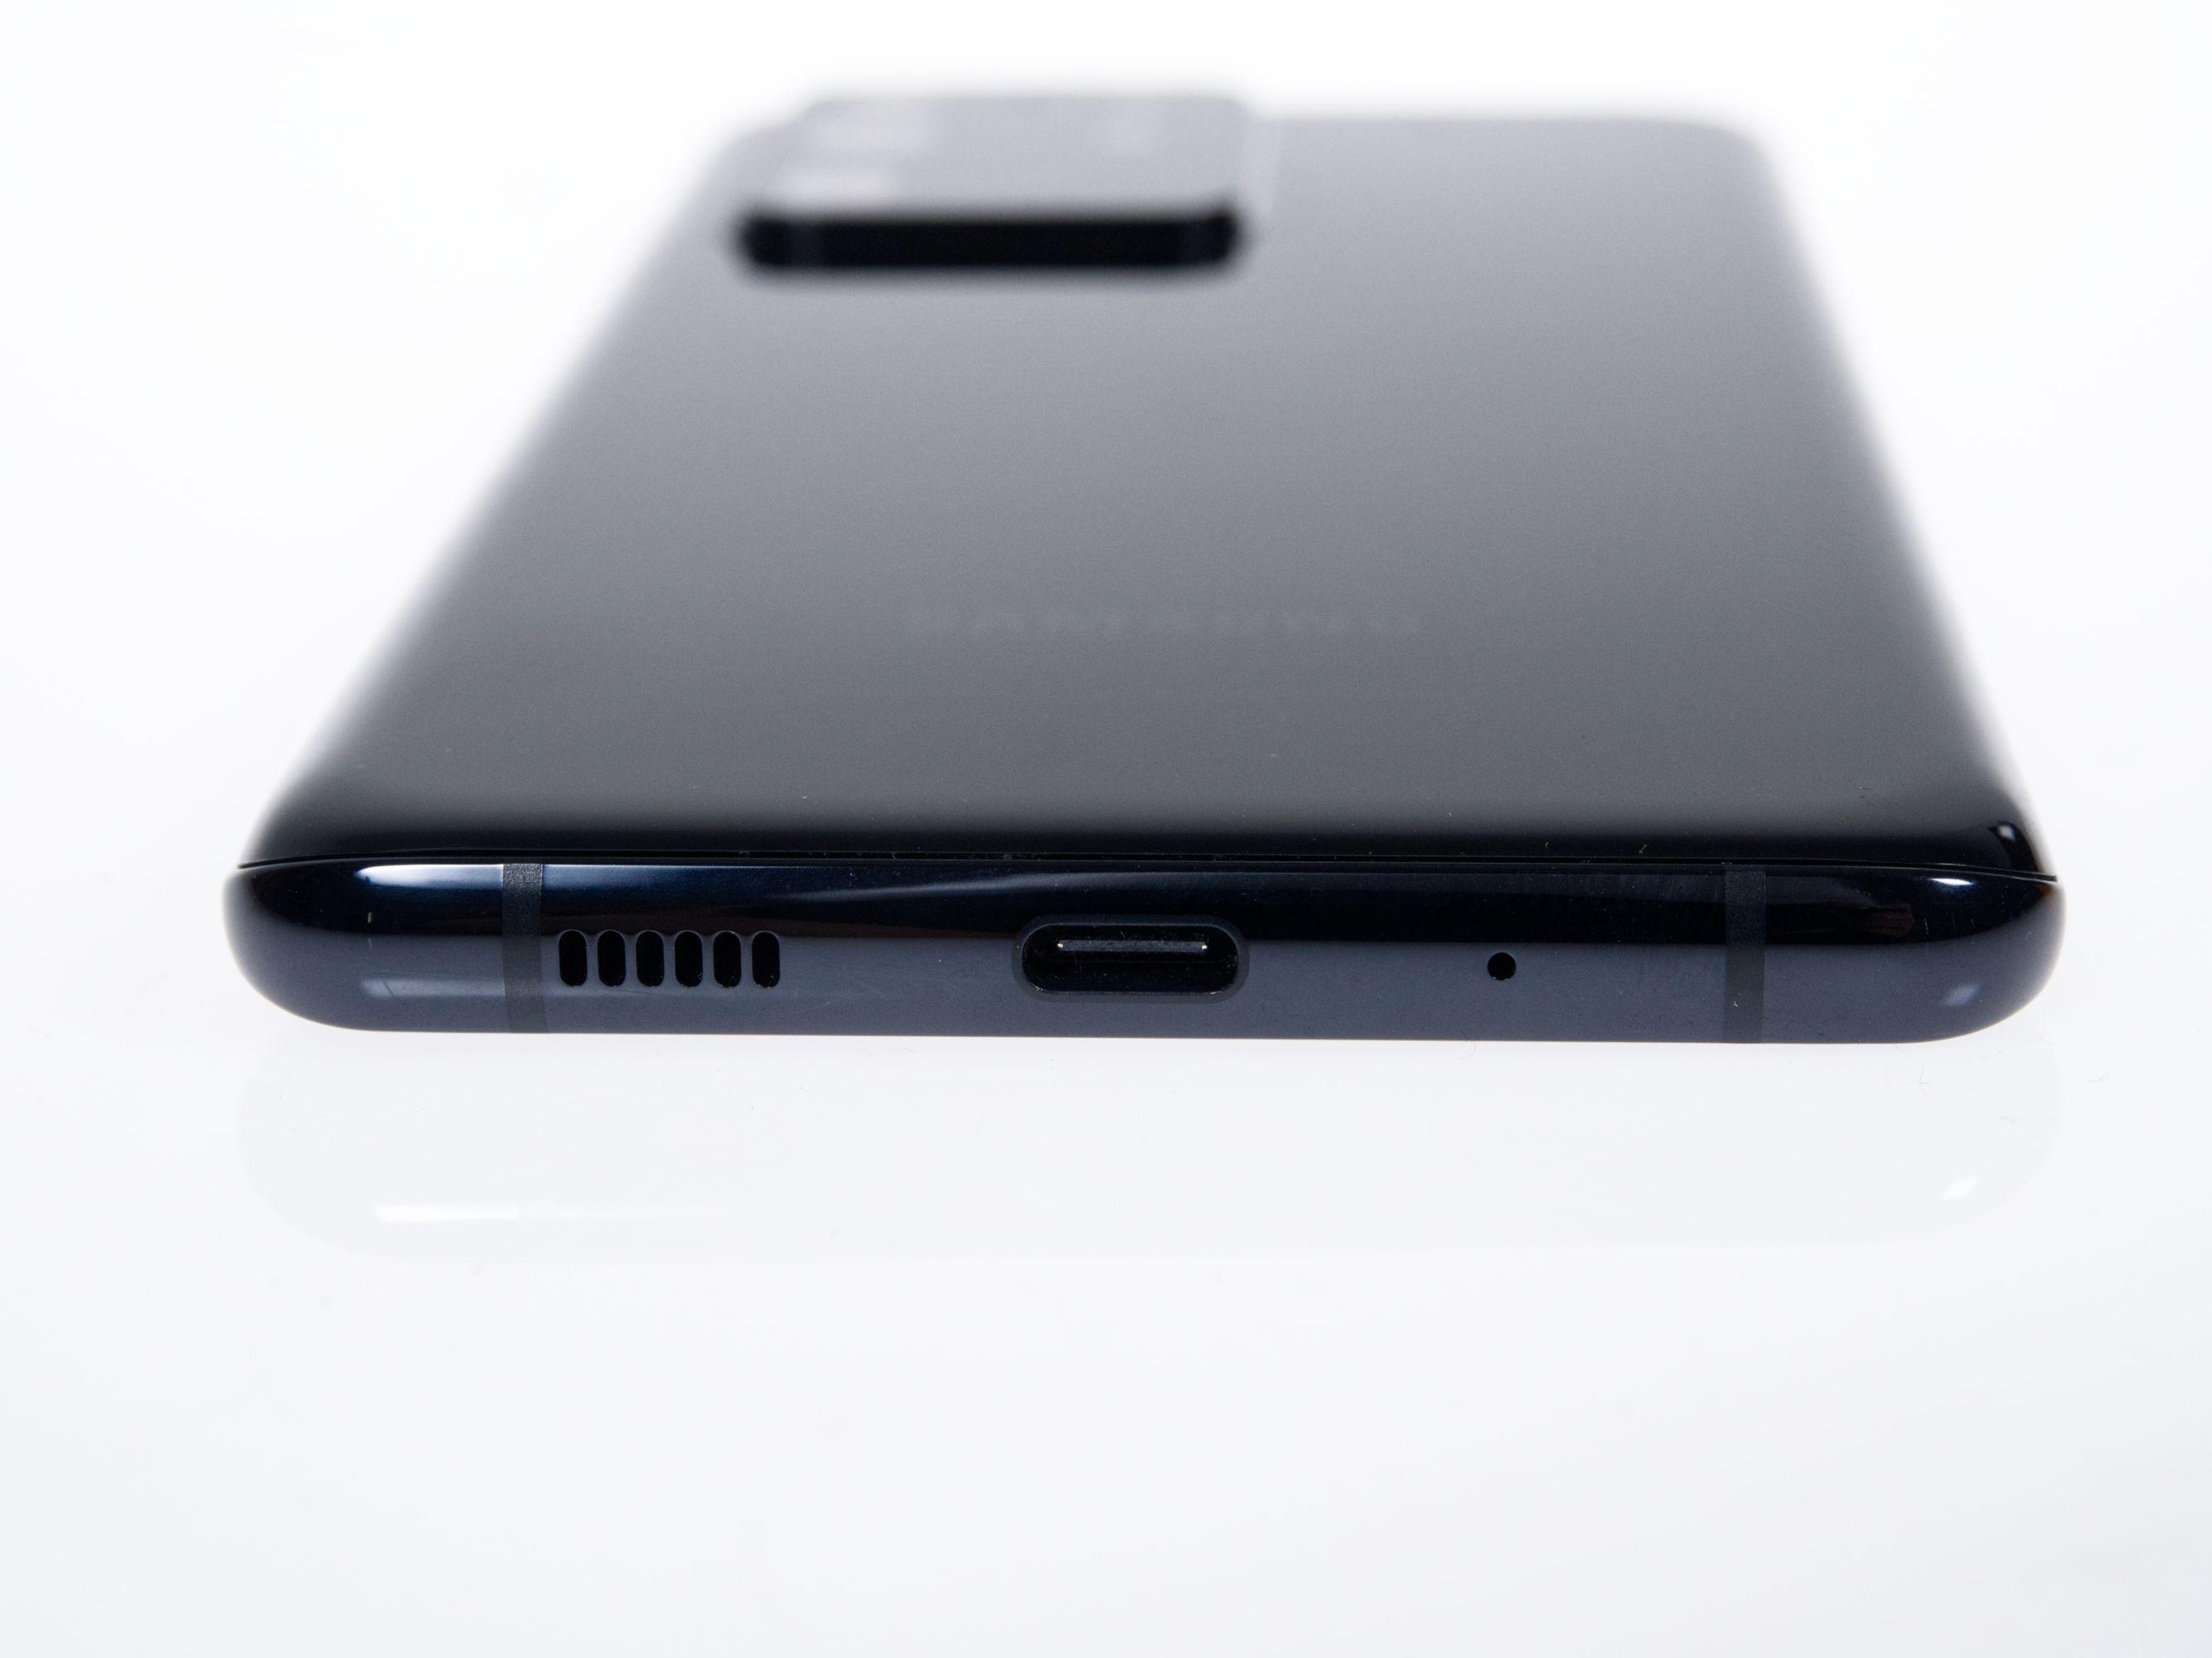 Galaxy S20 Ultra im Test: Samsung beherrscht den eigenen Kamerasensor nicht - Im Inneren des Galaxy S20 Ultra stecken ein 108-Megapixel-Sensor sowie das Exynos-990-SoC. (Bild: Daniel Pook/Golem.de)